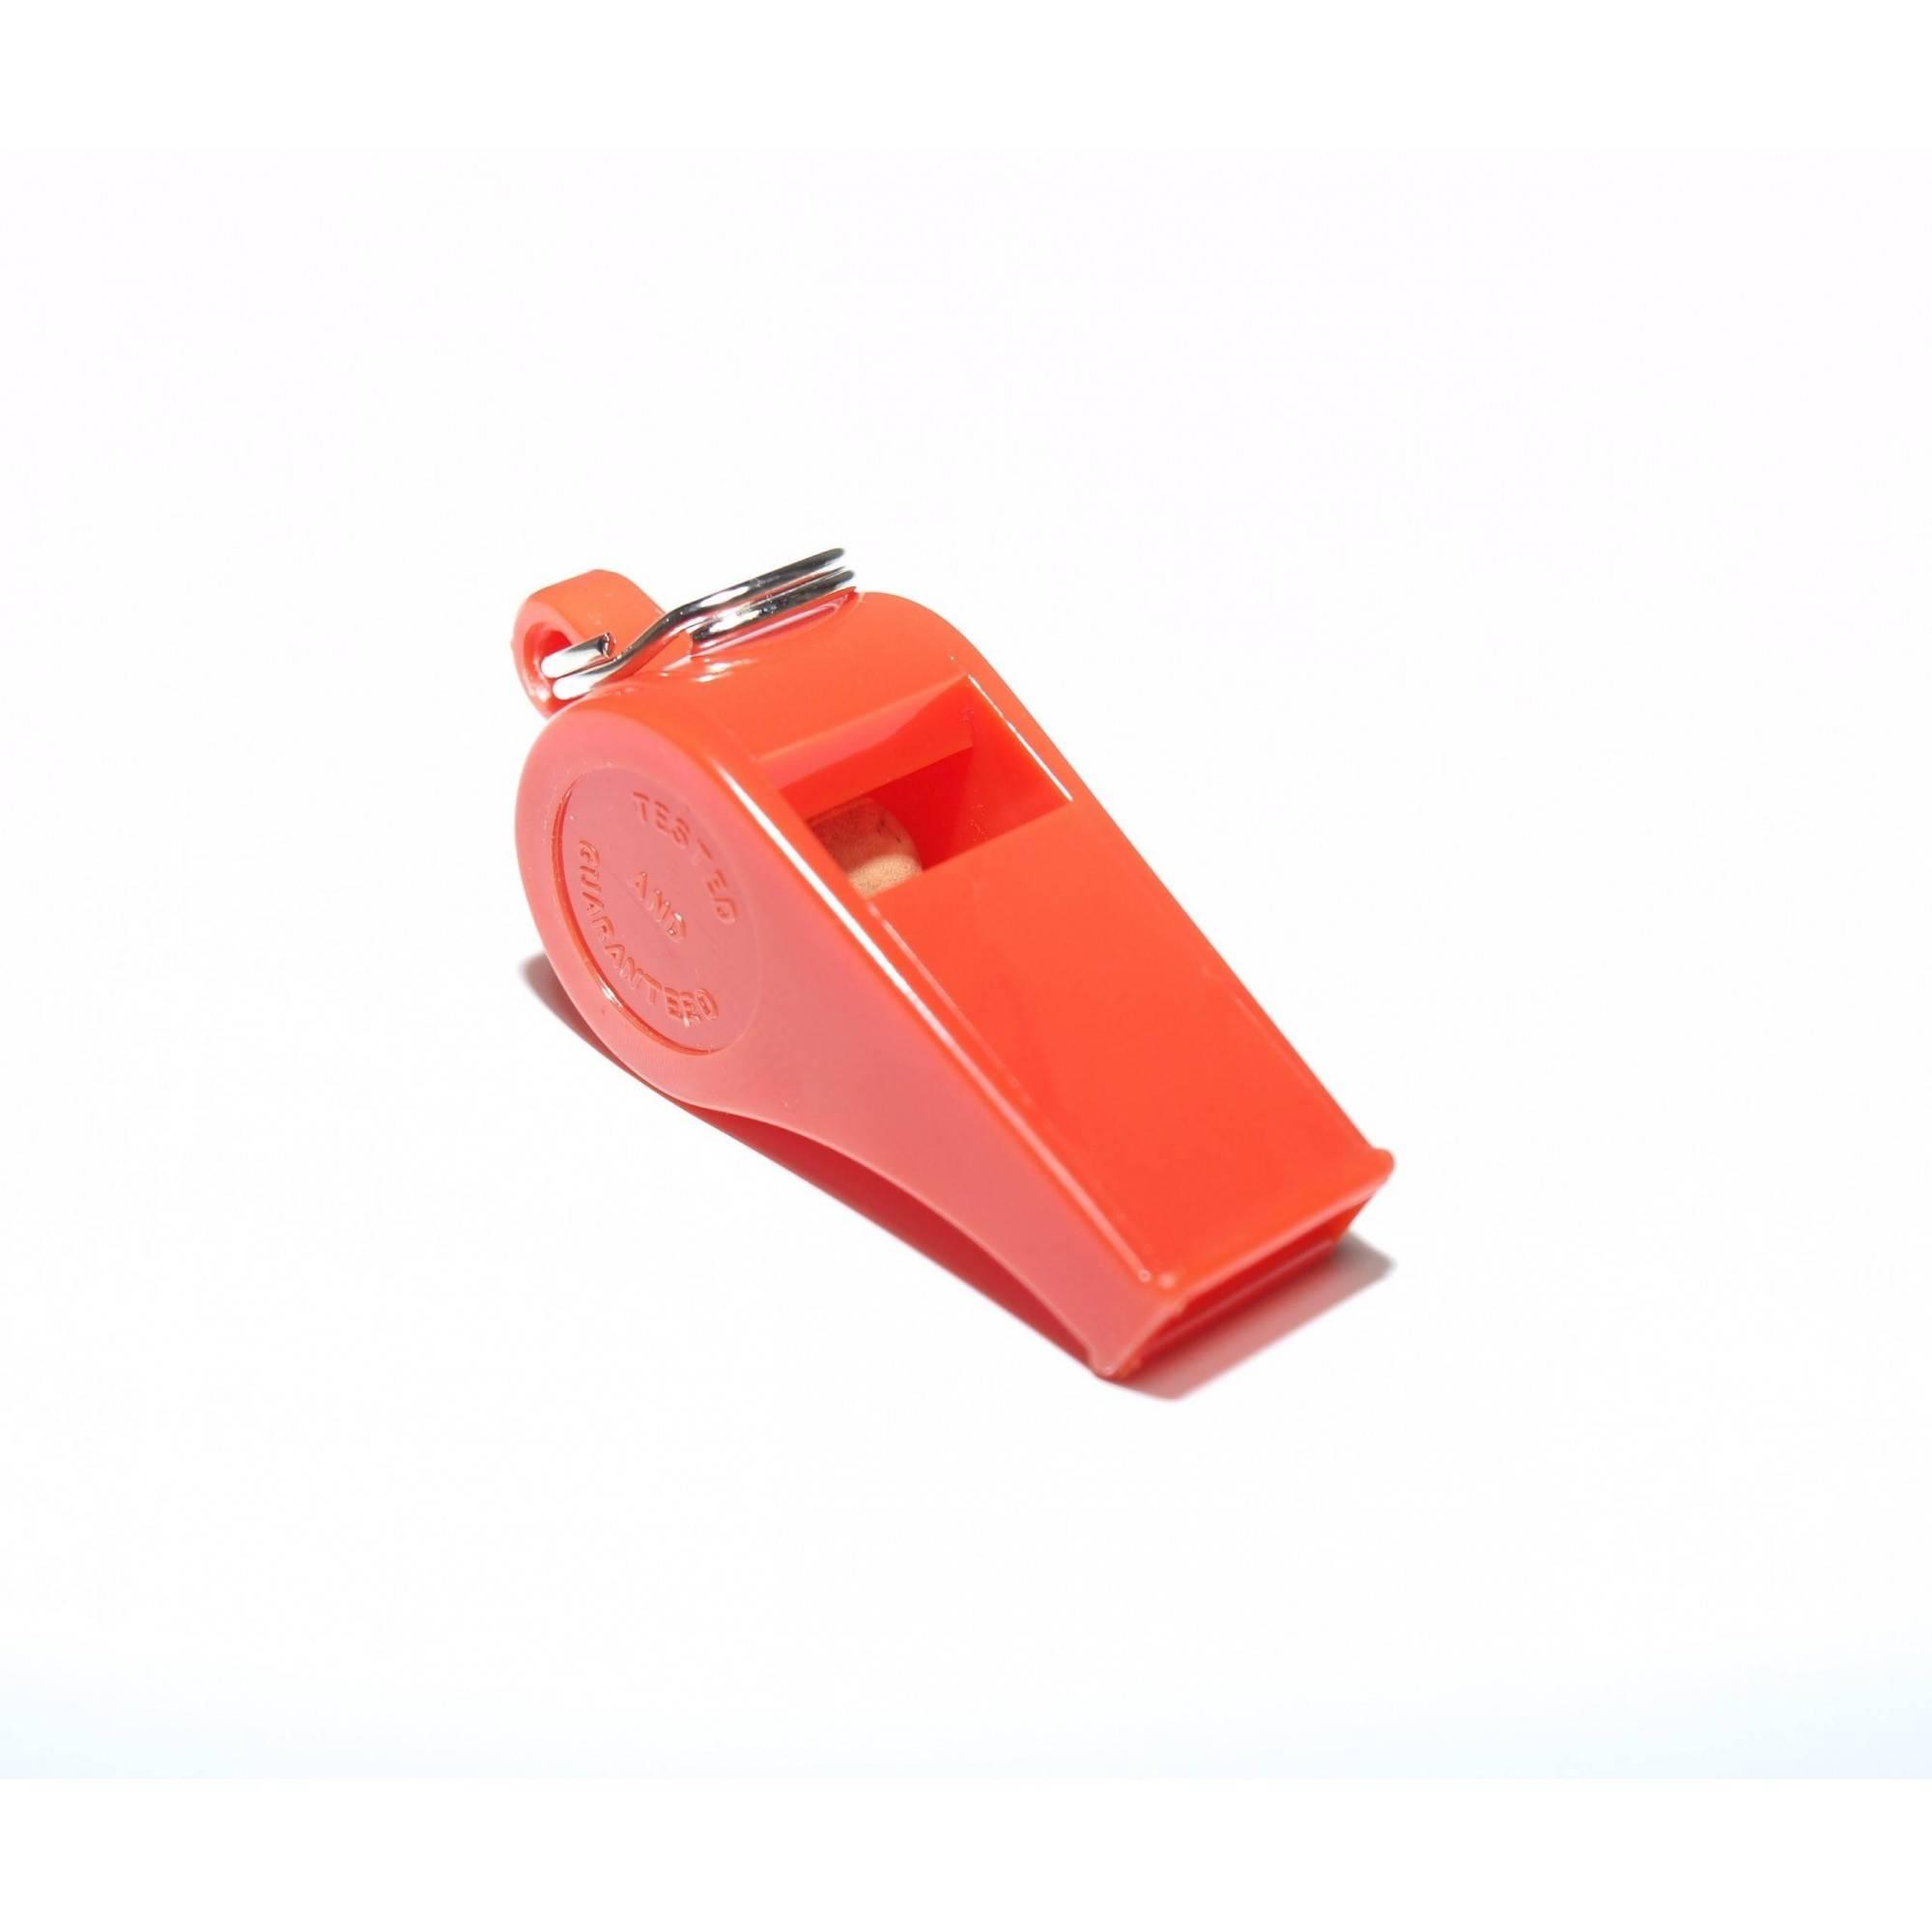 Gwizdek sportowy Acme Thunderer 660   czerwony,producent: ACME, zdjecie photo: 1   online shop klubfitness.pl   sprzęt sportowy